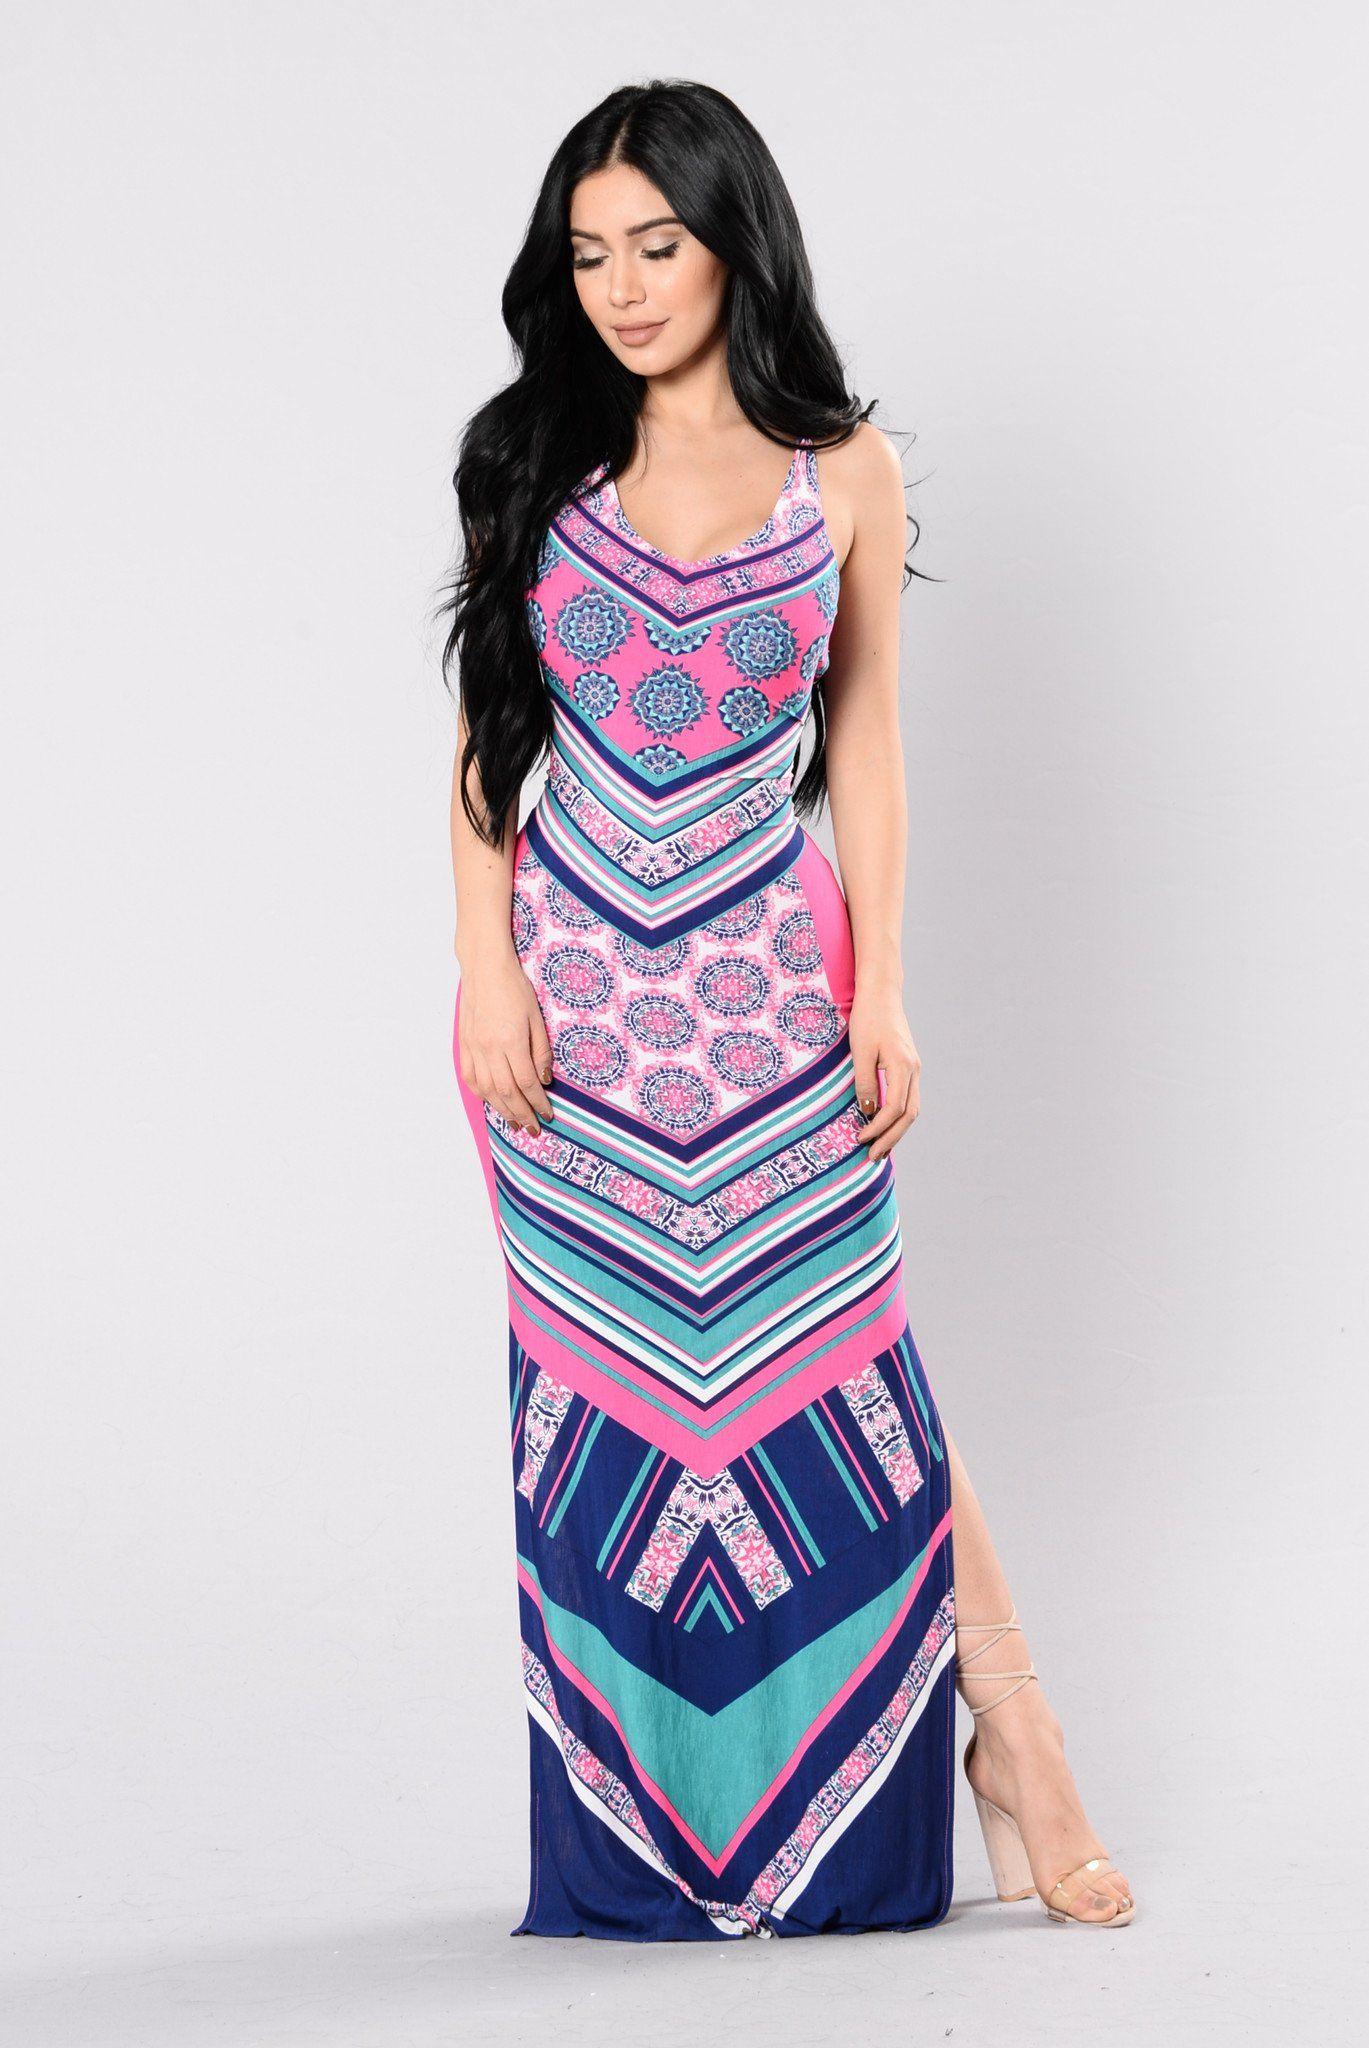 Let My Love Adore You Dress Fuschia Fuschia Dress Dresses Fashion [ 2048 x 1369 Pixel ]